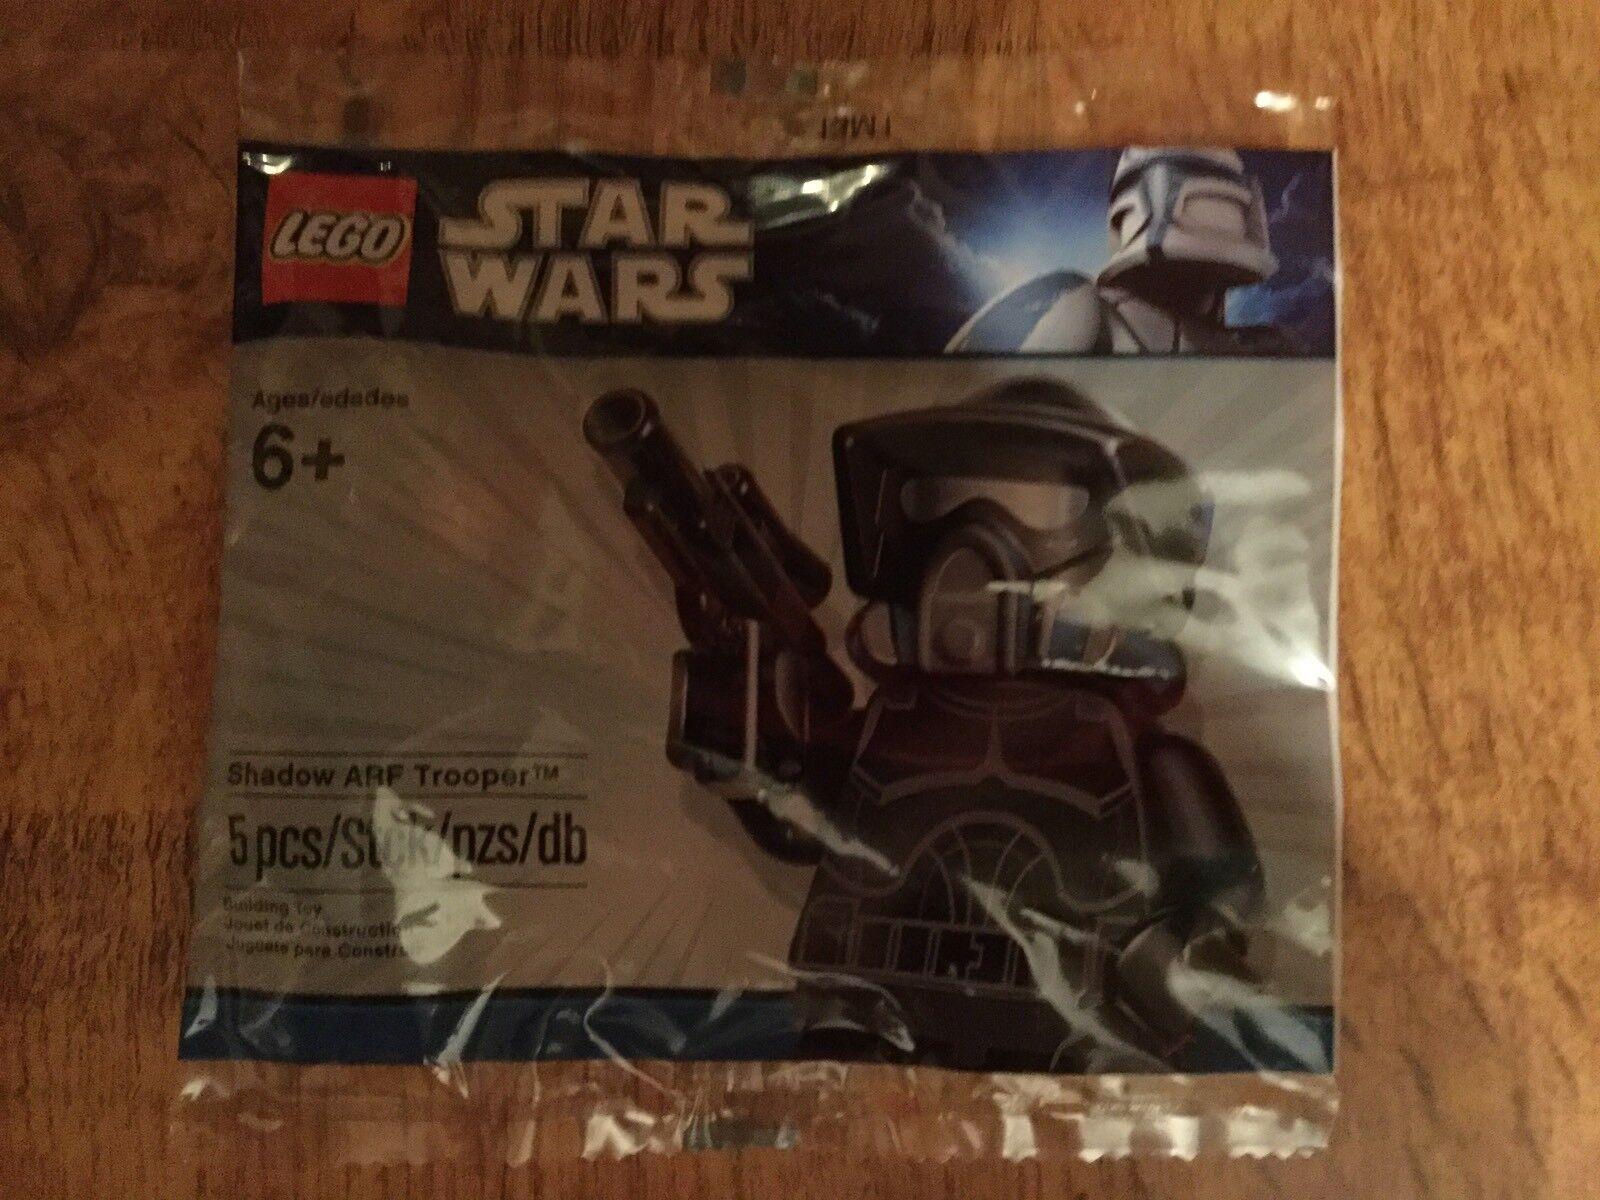 Lego Star Wars Polybag Shadow ARF Trooper